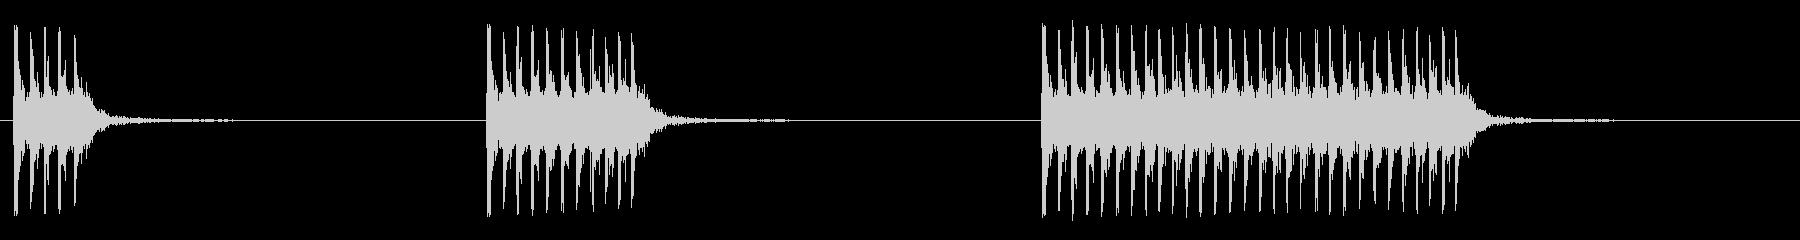 三脚マウント0.50口径機関銃:シ...の未再生の波形